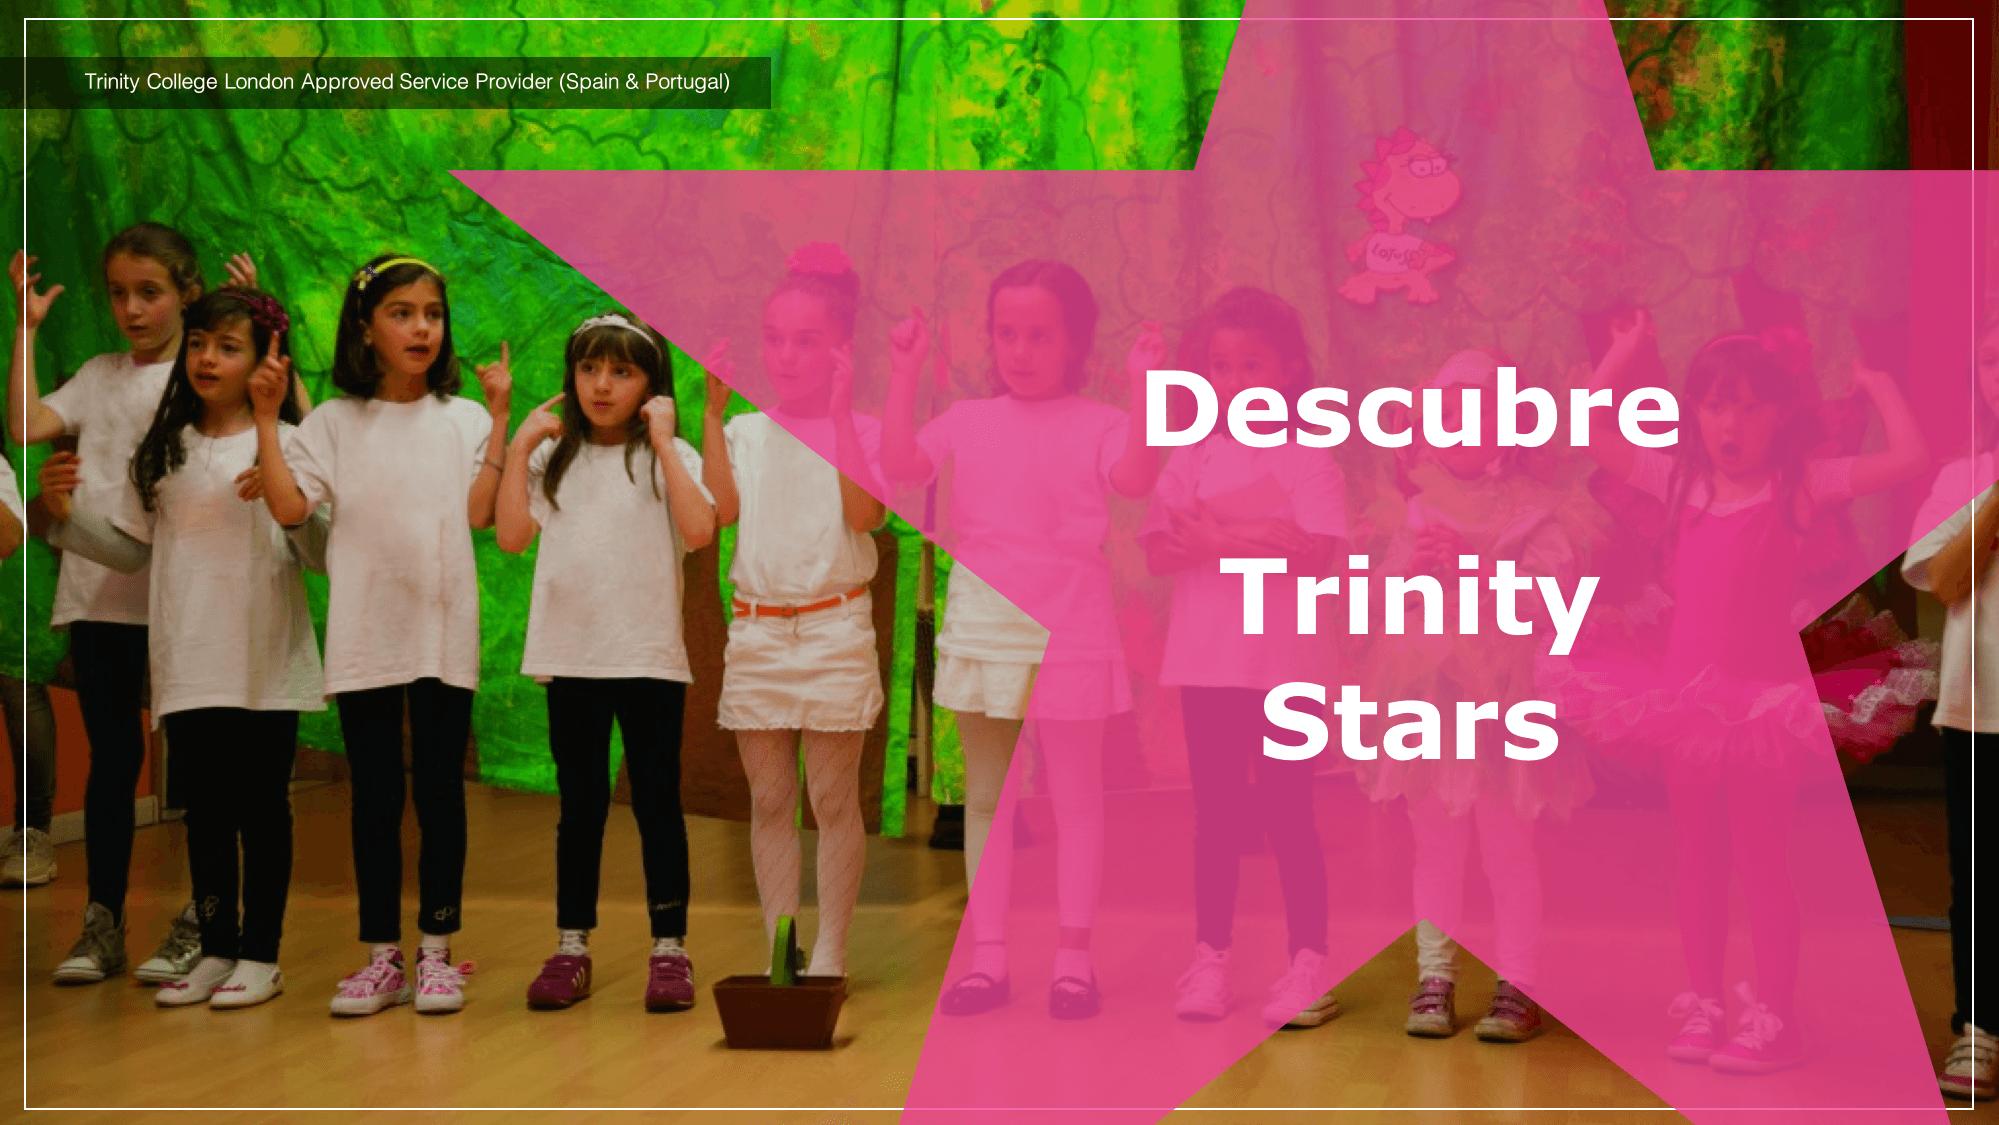 Descubre Trinity Stars